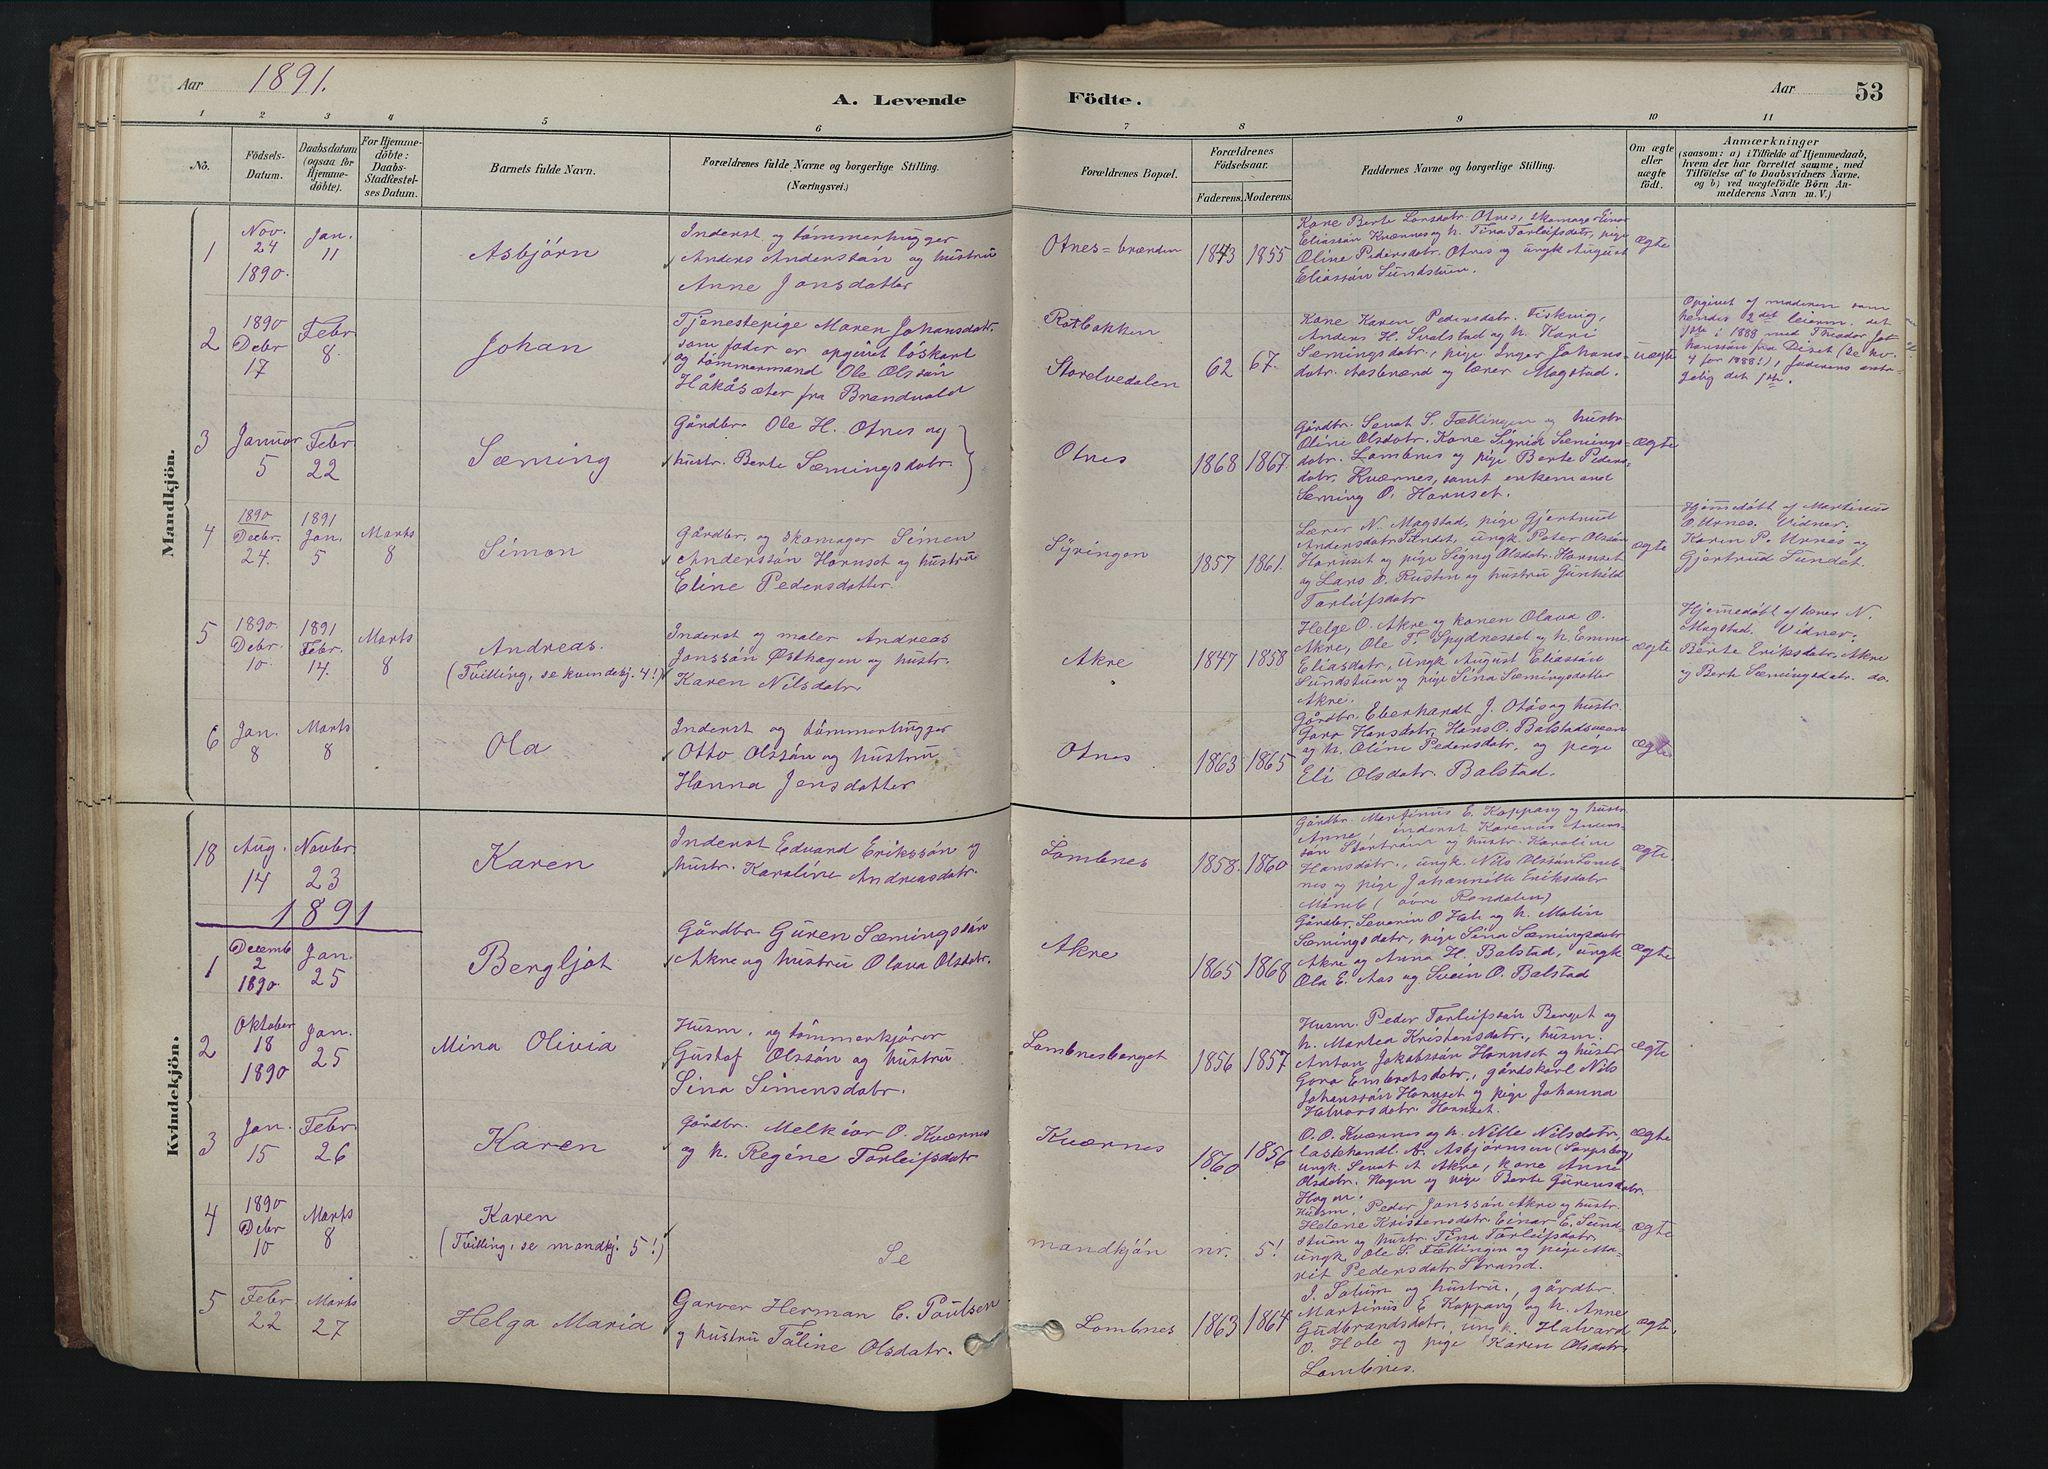 SAH, Rendalen prestekontor, H/Ha/Hab/L0009: Klokkerbok nr. 9, 1879-1902, s. 53